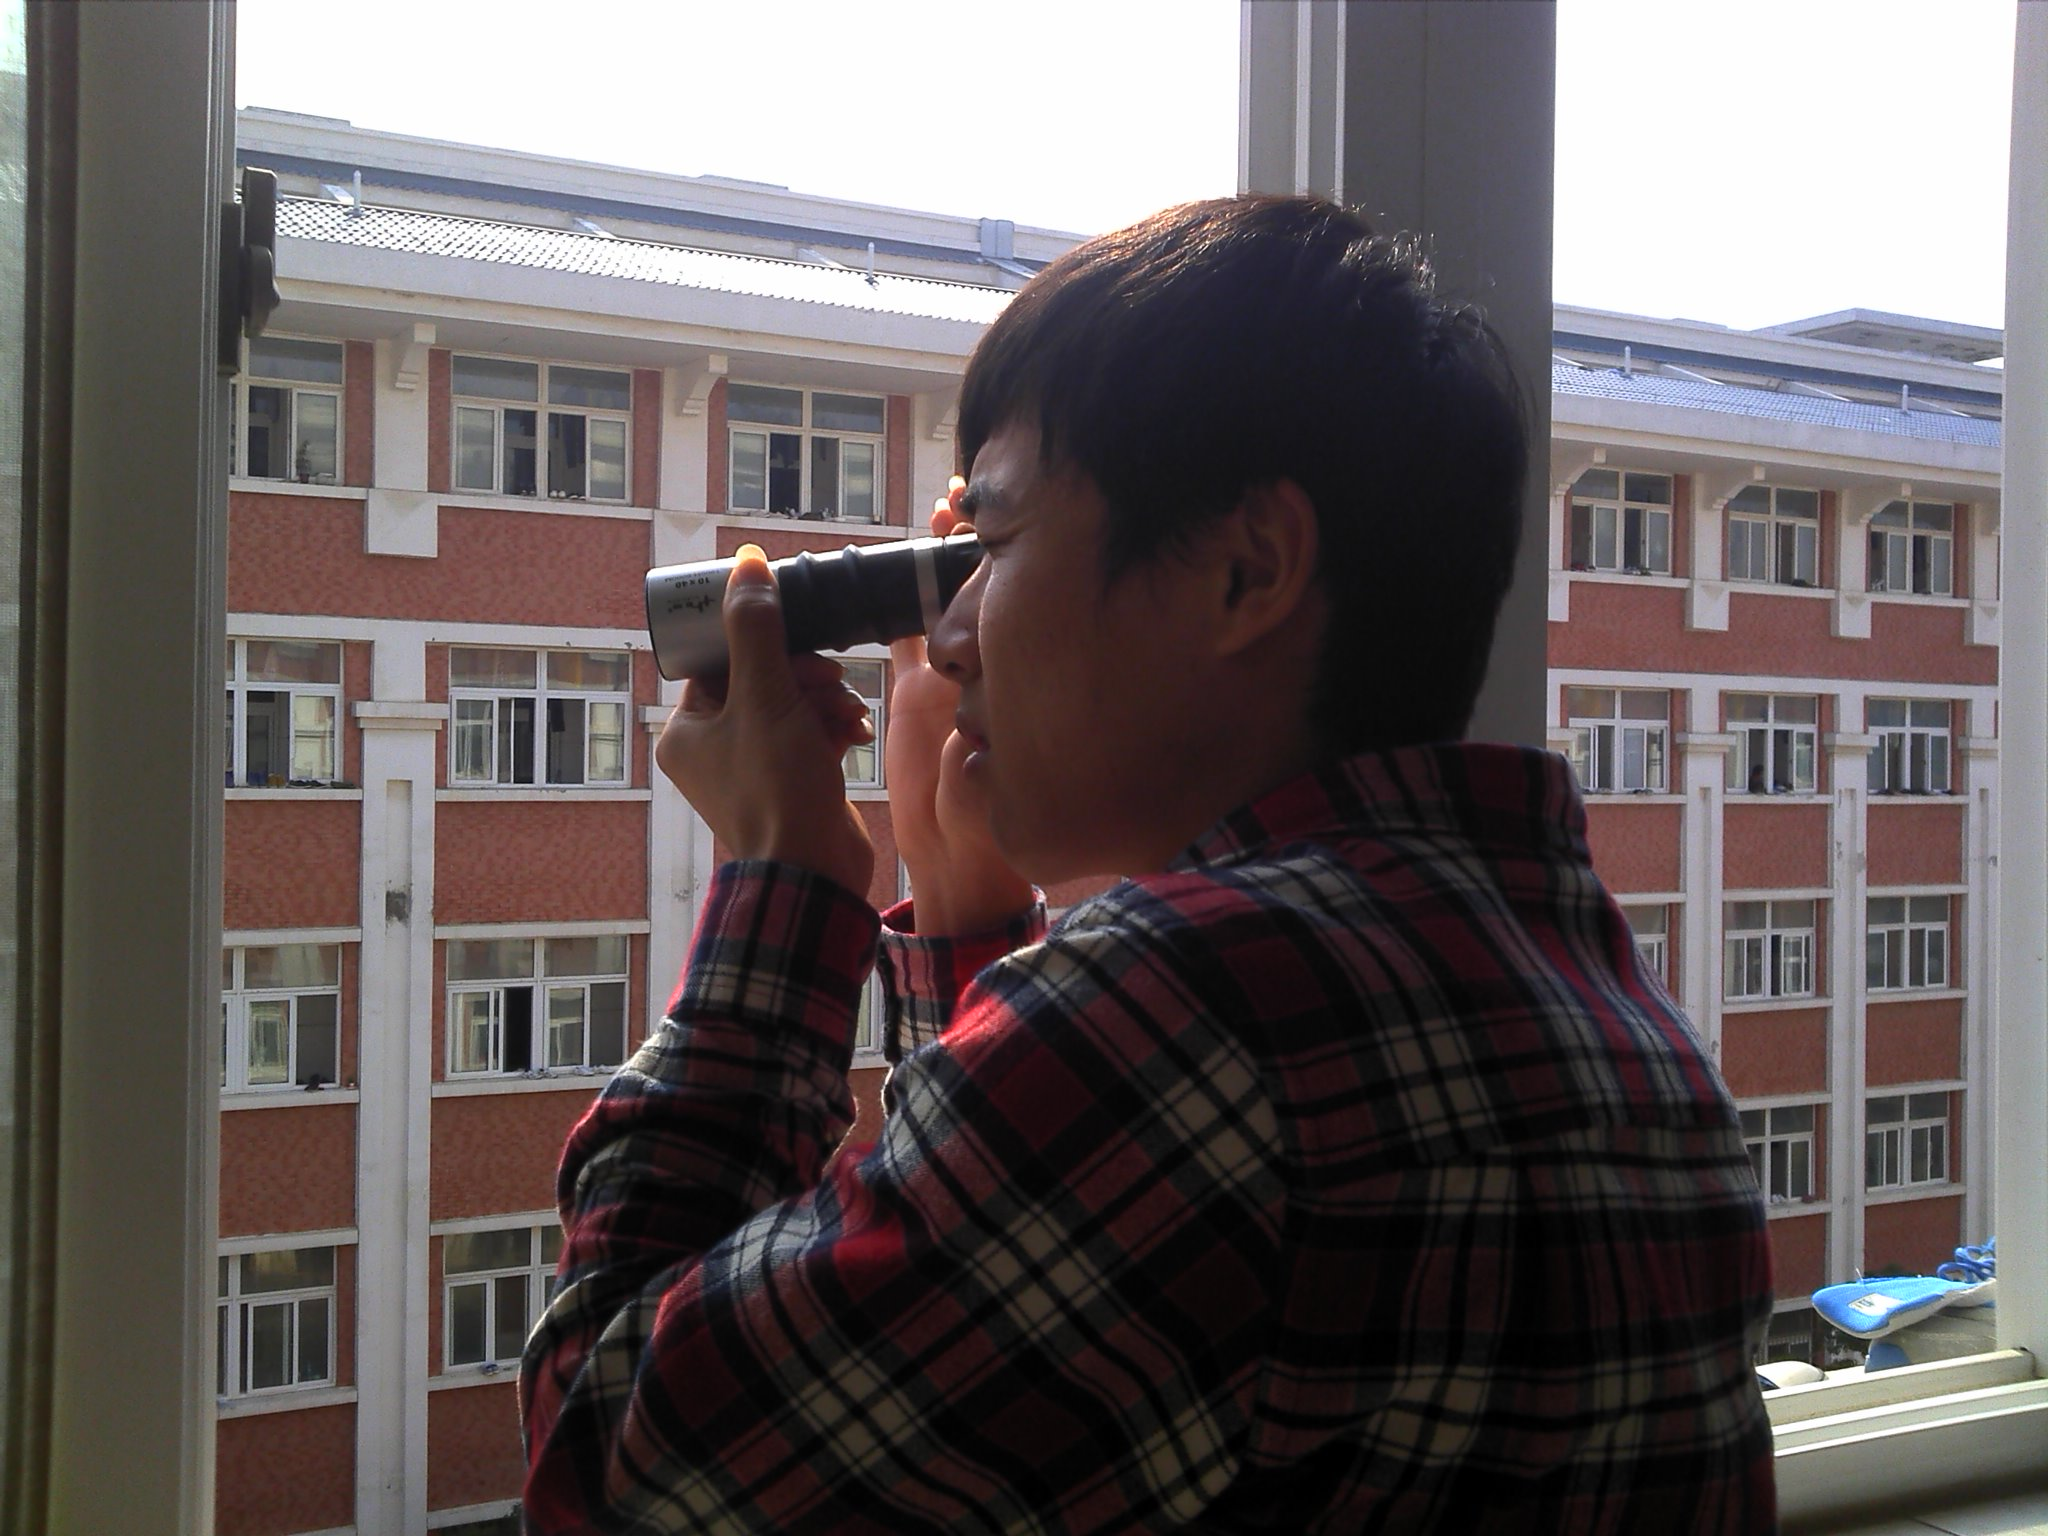 对于此偷窥狂拿着望远镜偷窥女生宿舍